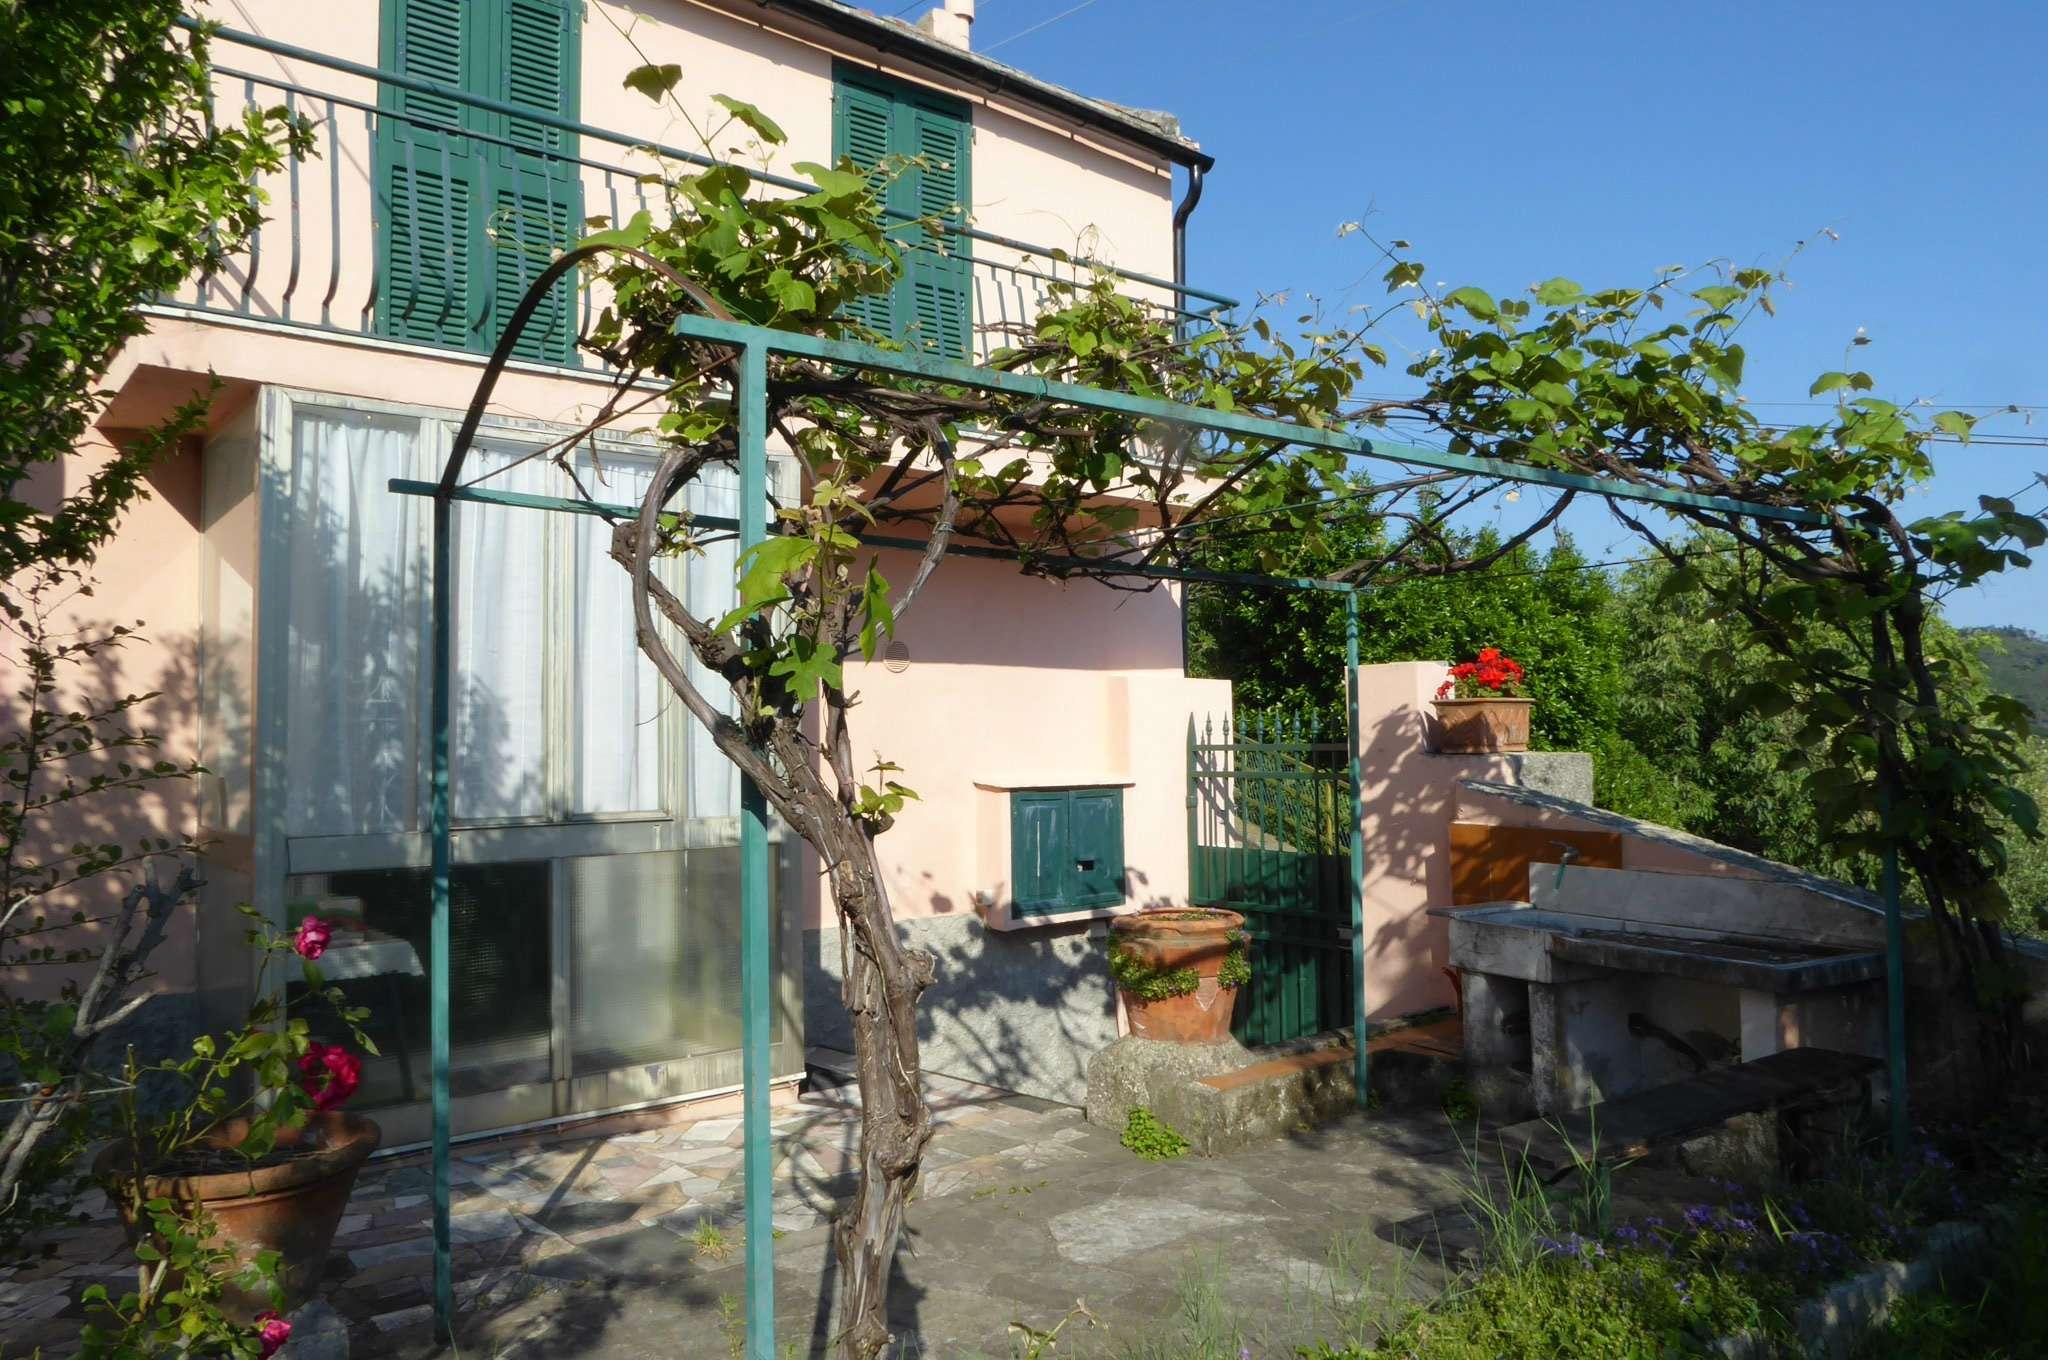 Annunci immobiliari di appartamenti con giardino a genova for Casa con giardino genova